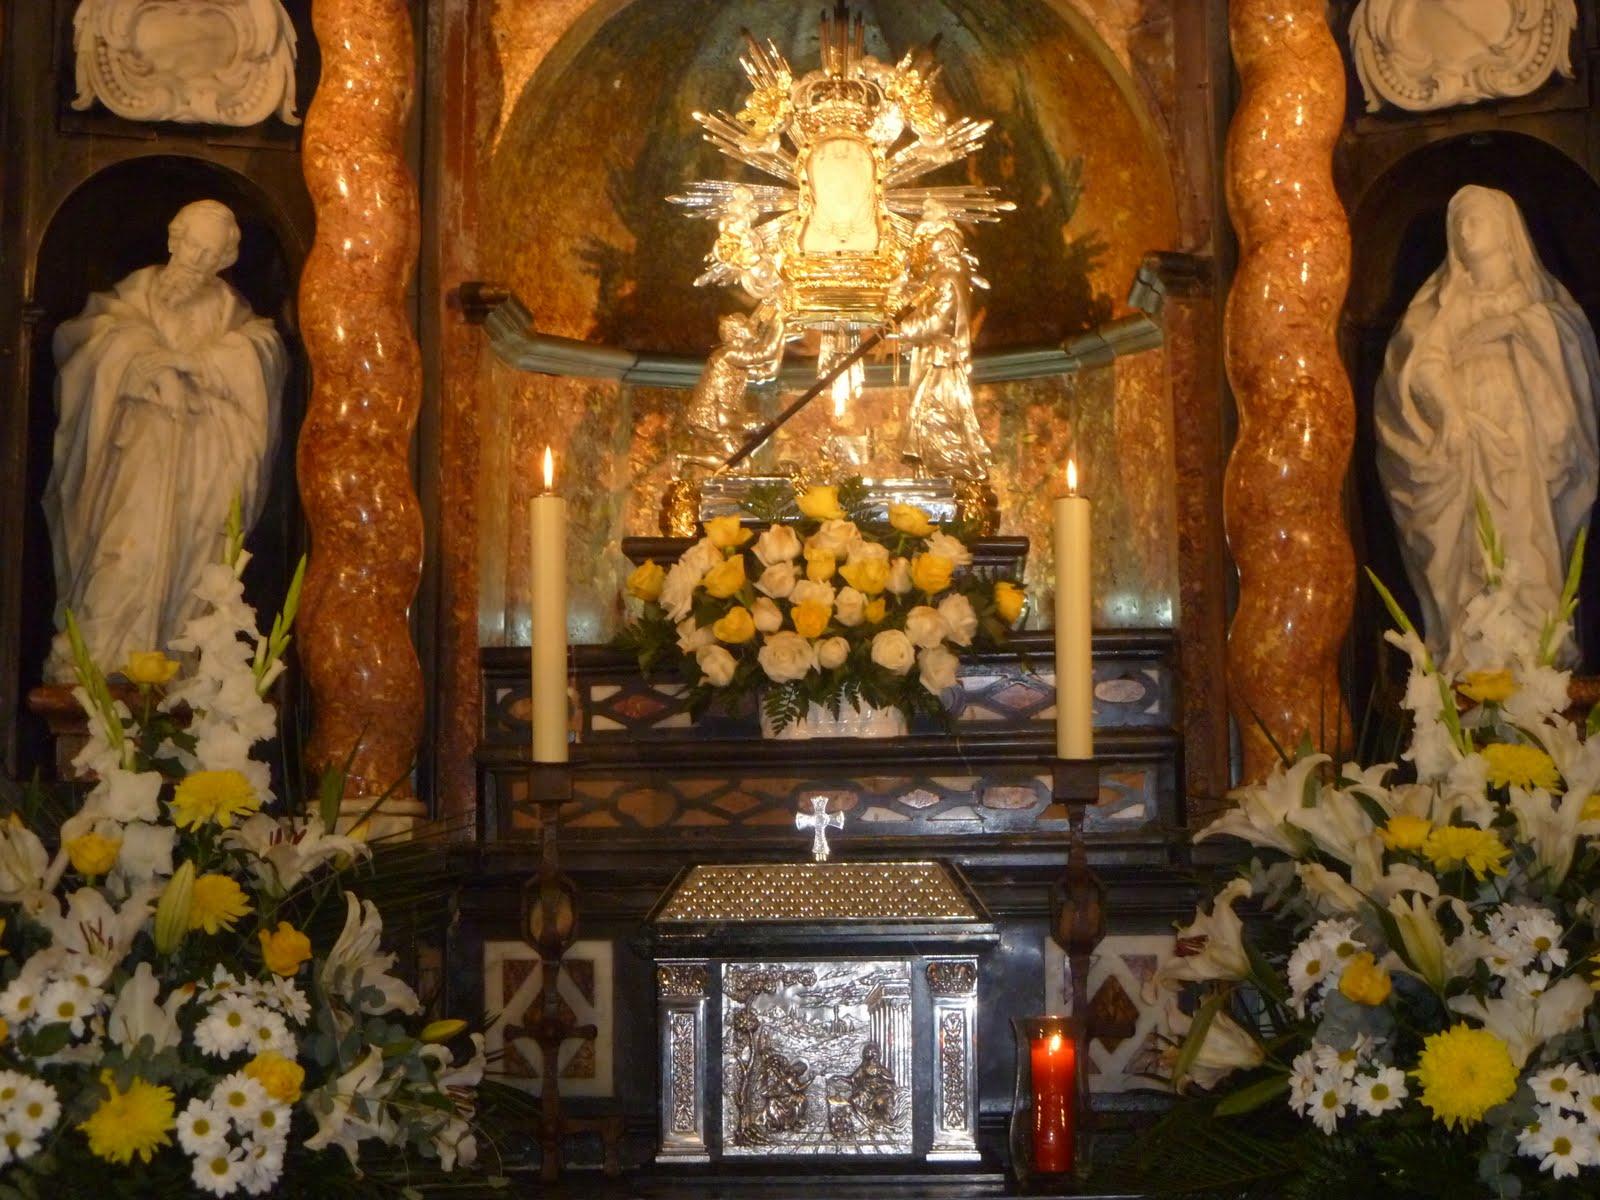 Virgen de la Cueva Santa, un Lugar con Agua Milagrosa, España (últ dom abr, 7 sep)